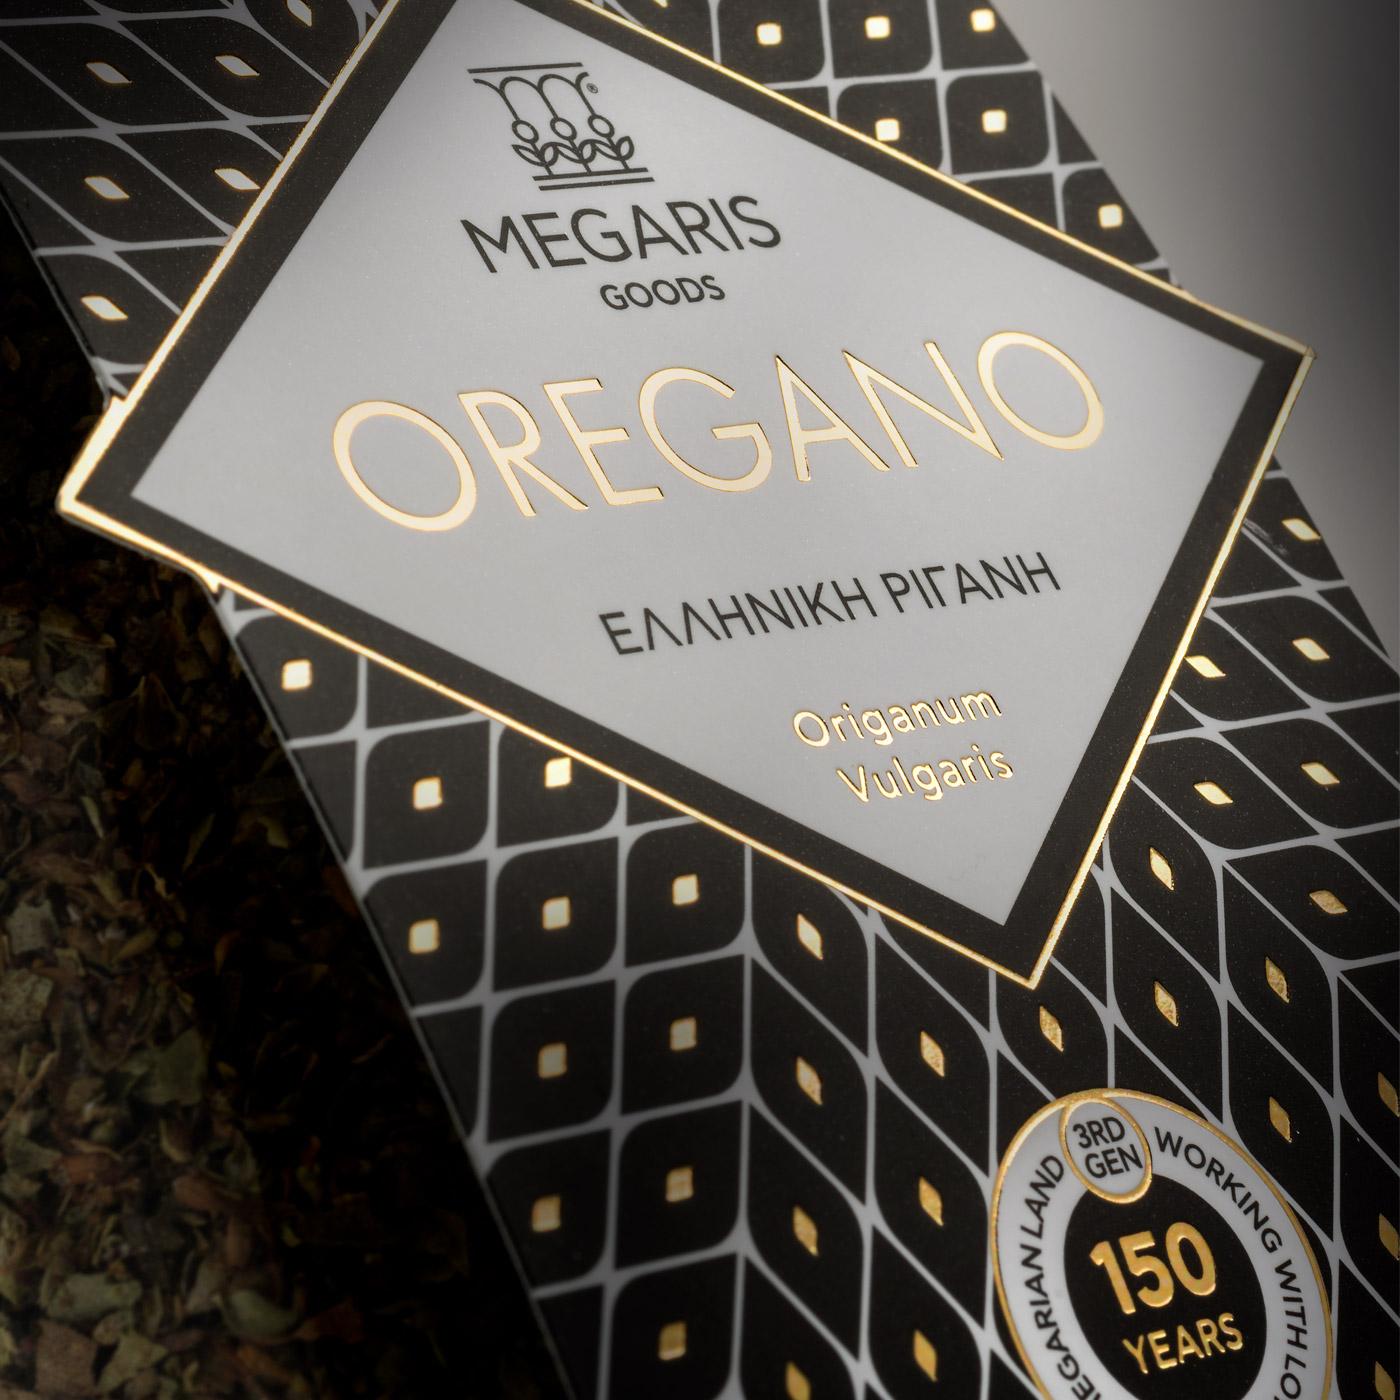 Comeback Studio - Megaris Oregano3.jpg